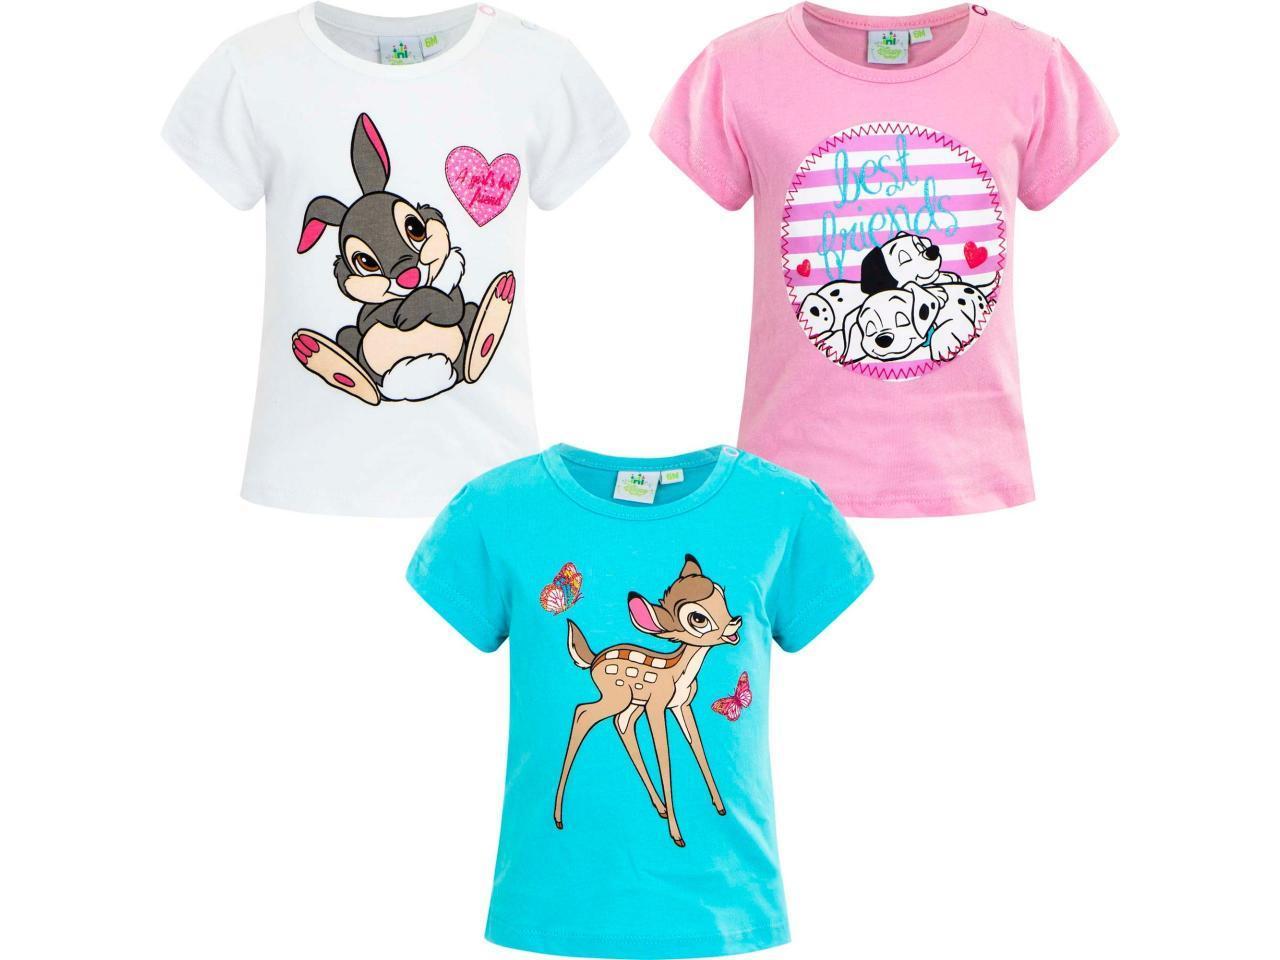 продам детские рубашки от компании Disney - 1